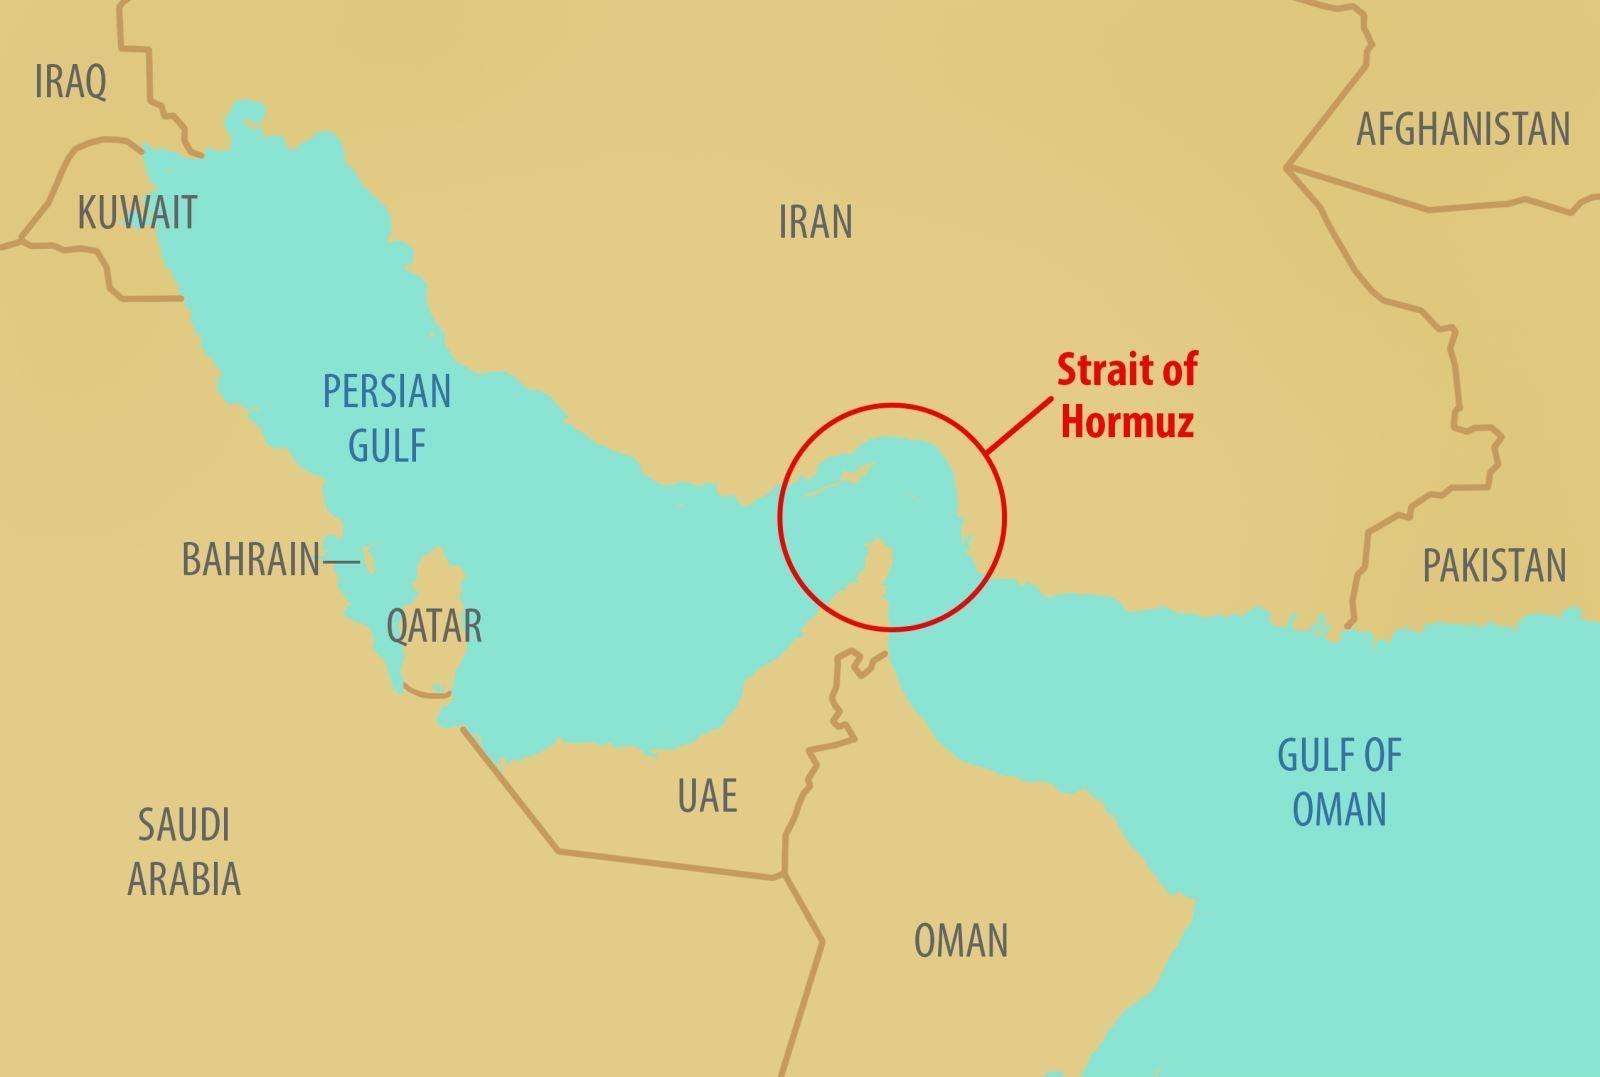 Lý do Hormuz nắm giữ huyết mạch dòng chảy dầu mỏ